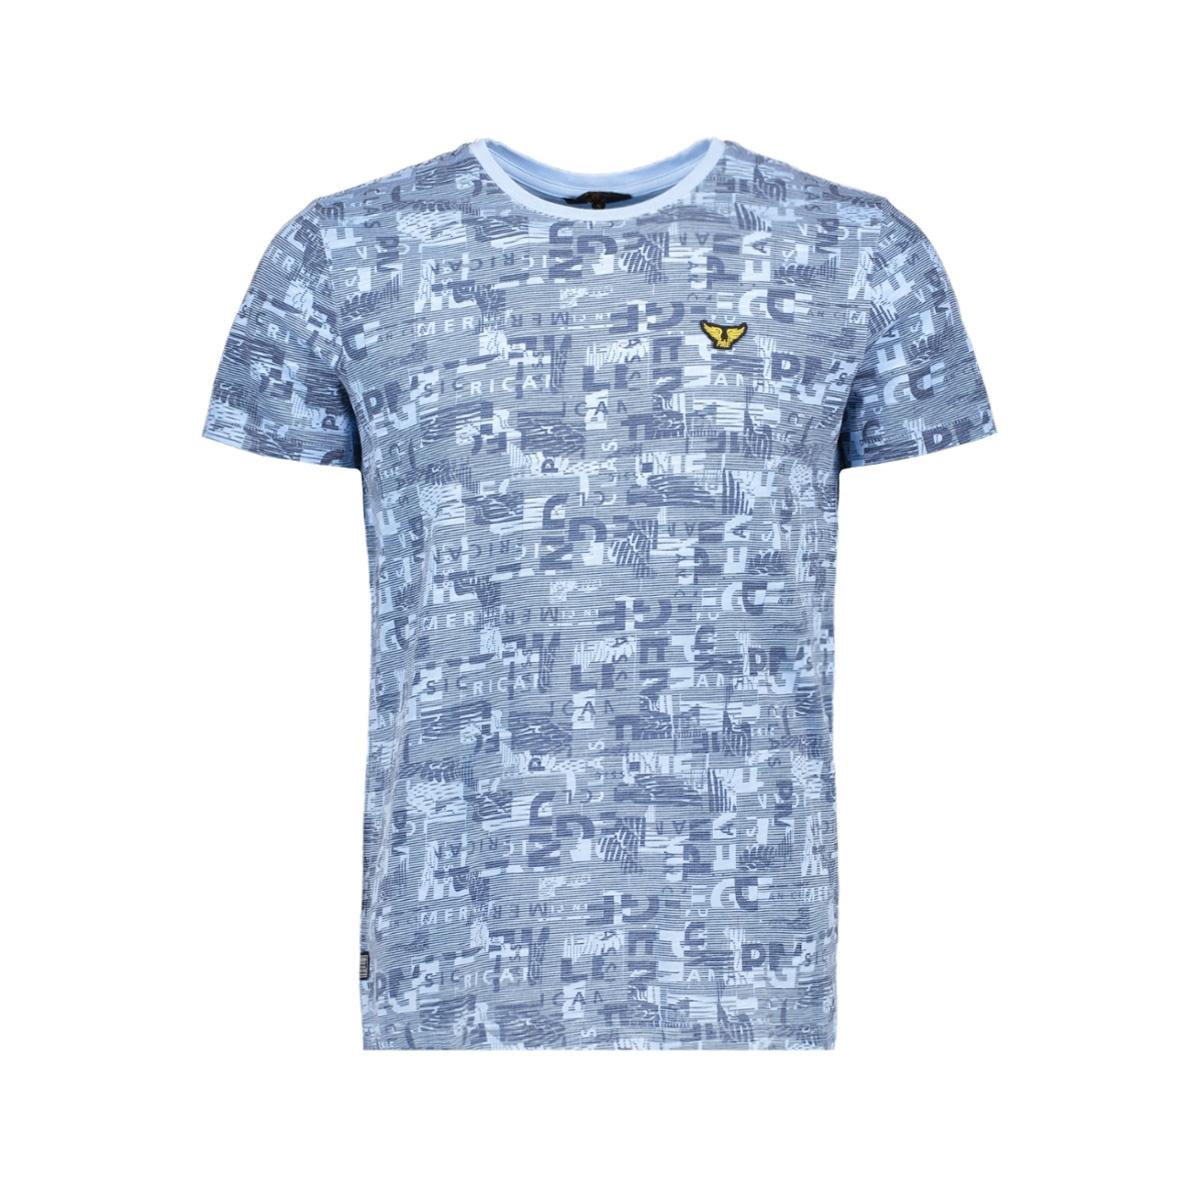 short sleeve shirt ptss193512 pme legend t-shirt 5094